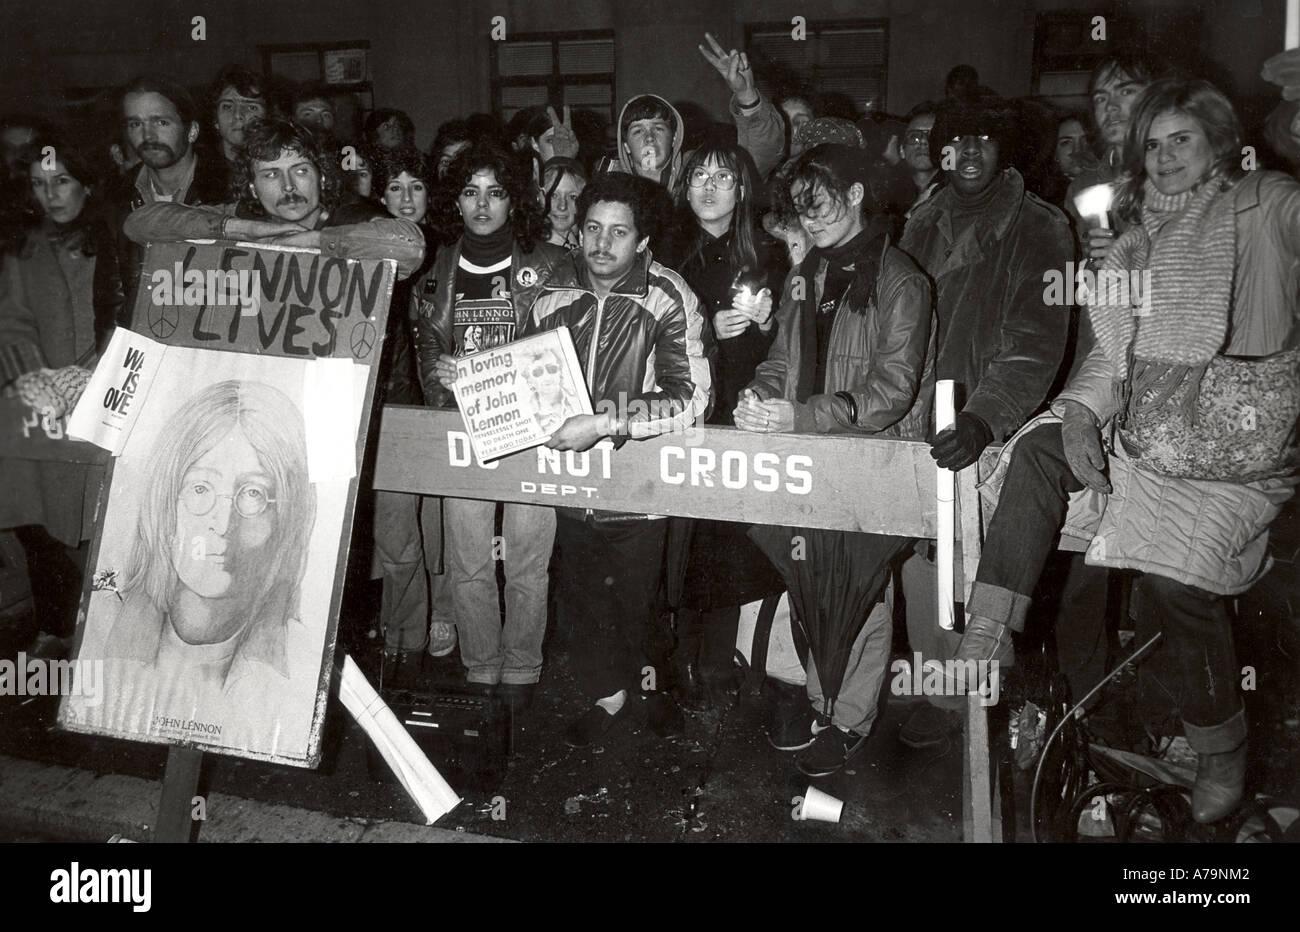 BEATLES fans hold vigil outside apartment where John Lennon was murdered in December 1980 - Stock Image